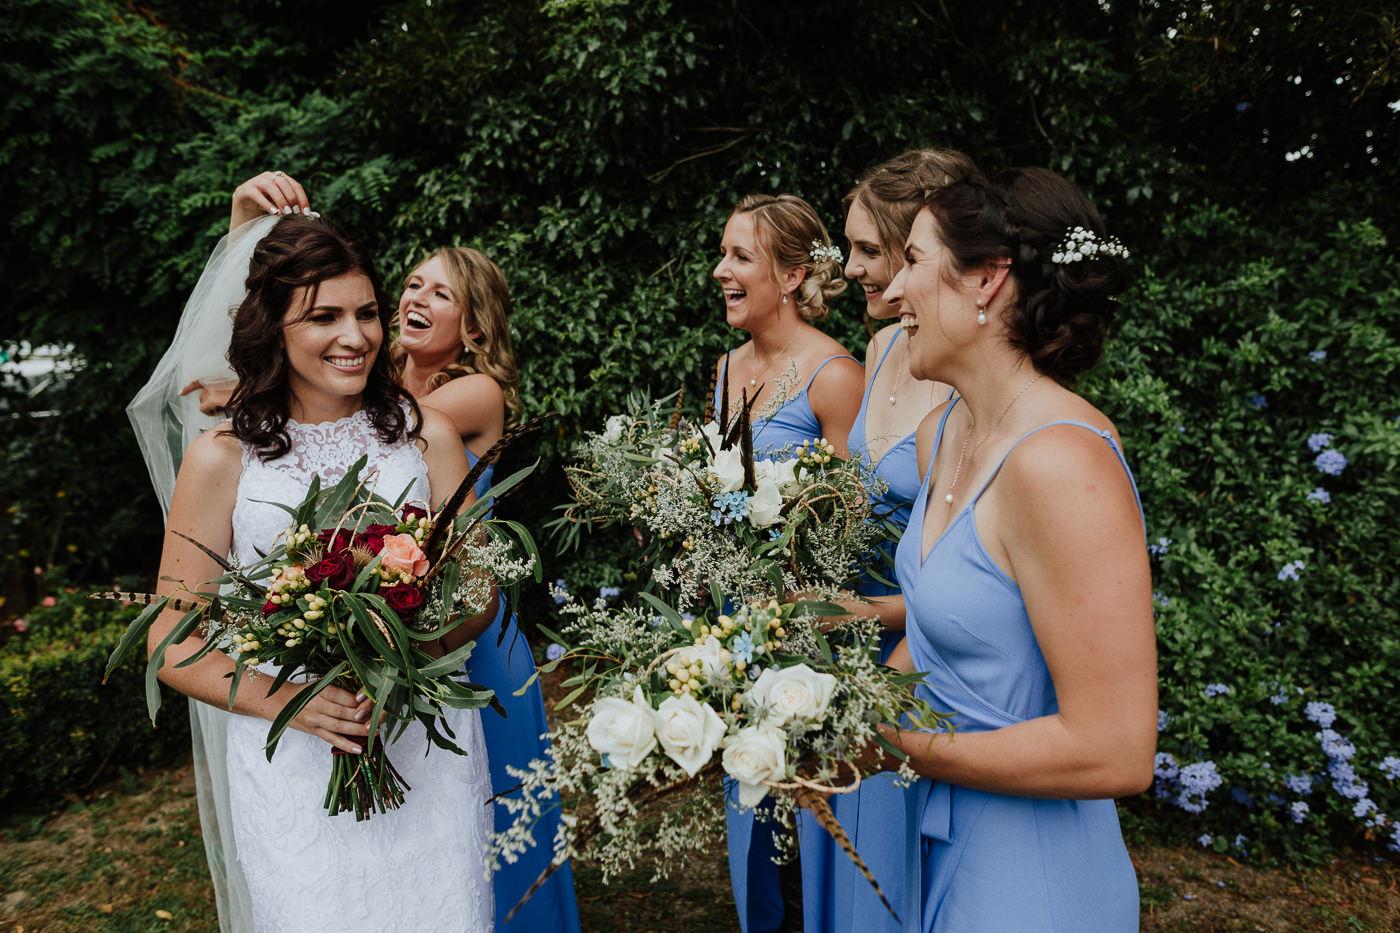 nz_wedding_photographer_gisborne-1021.jpg